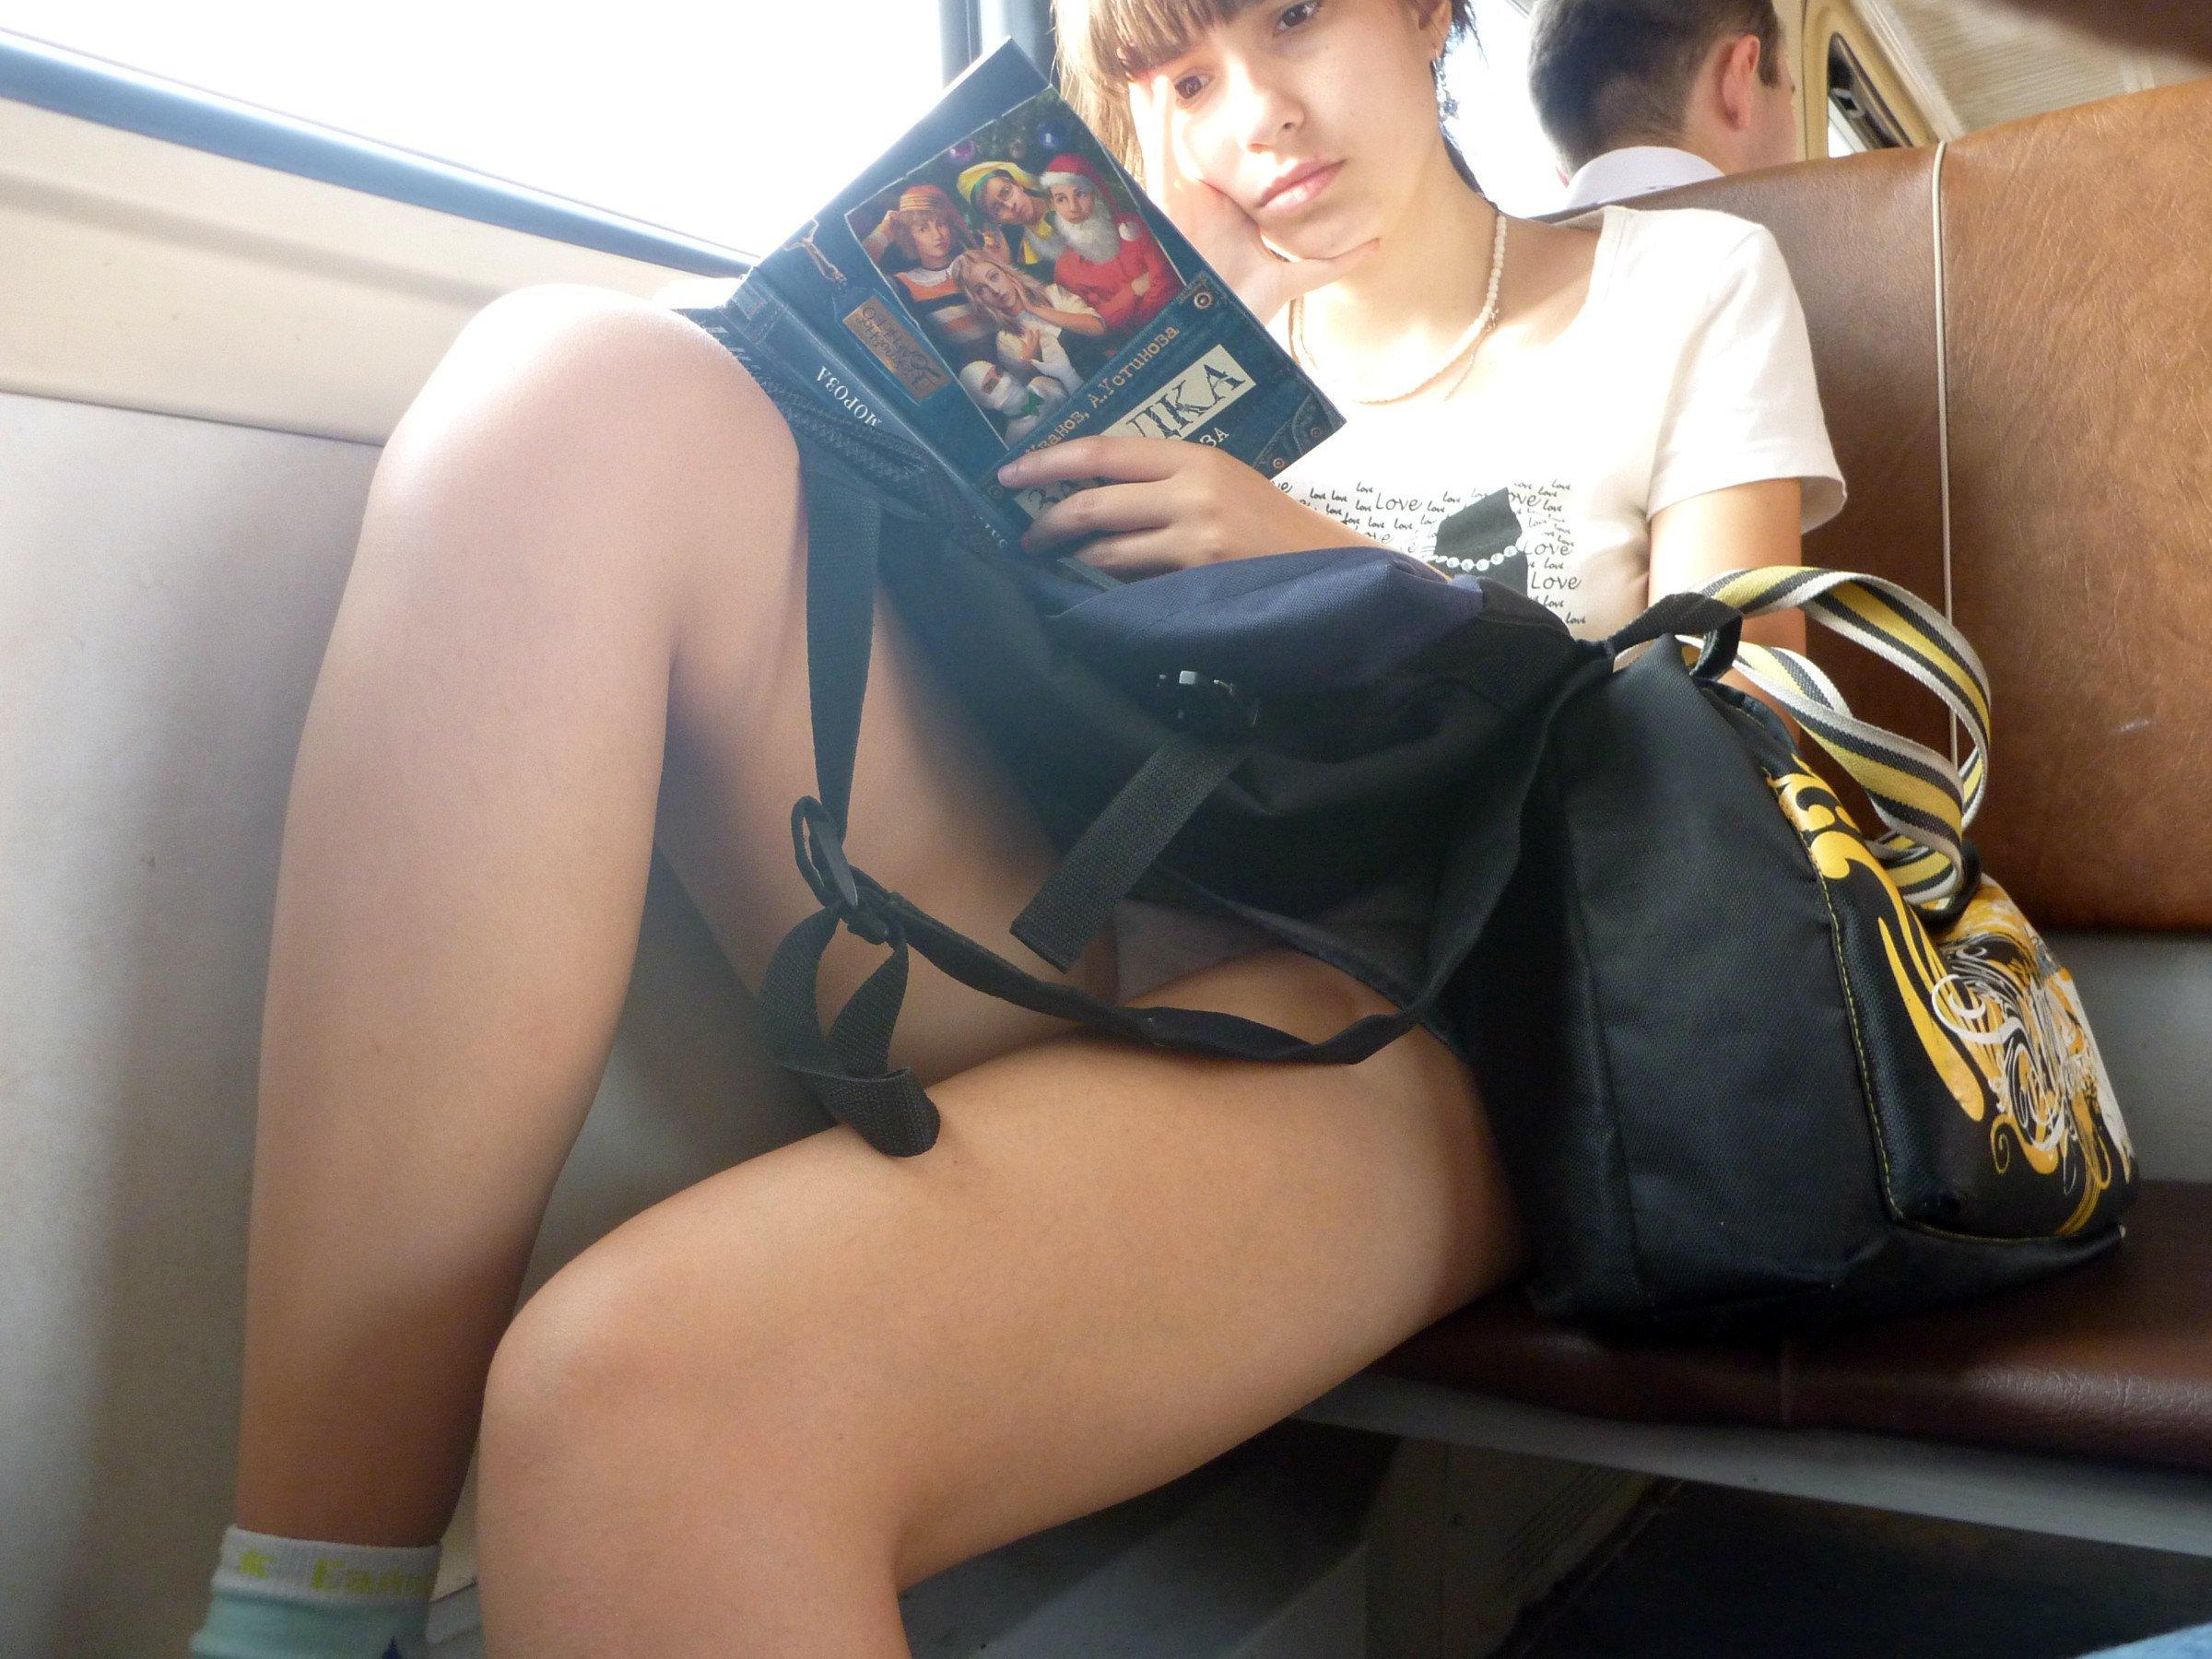 под юбкой порно в метро